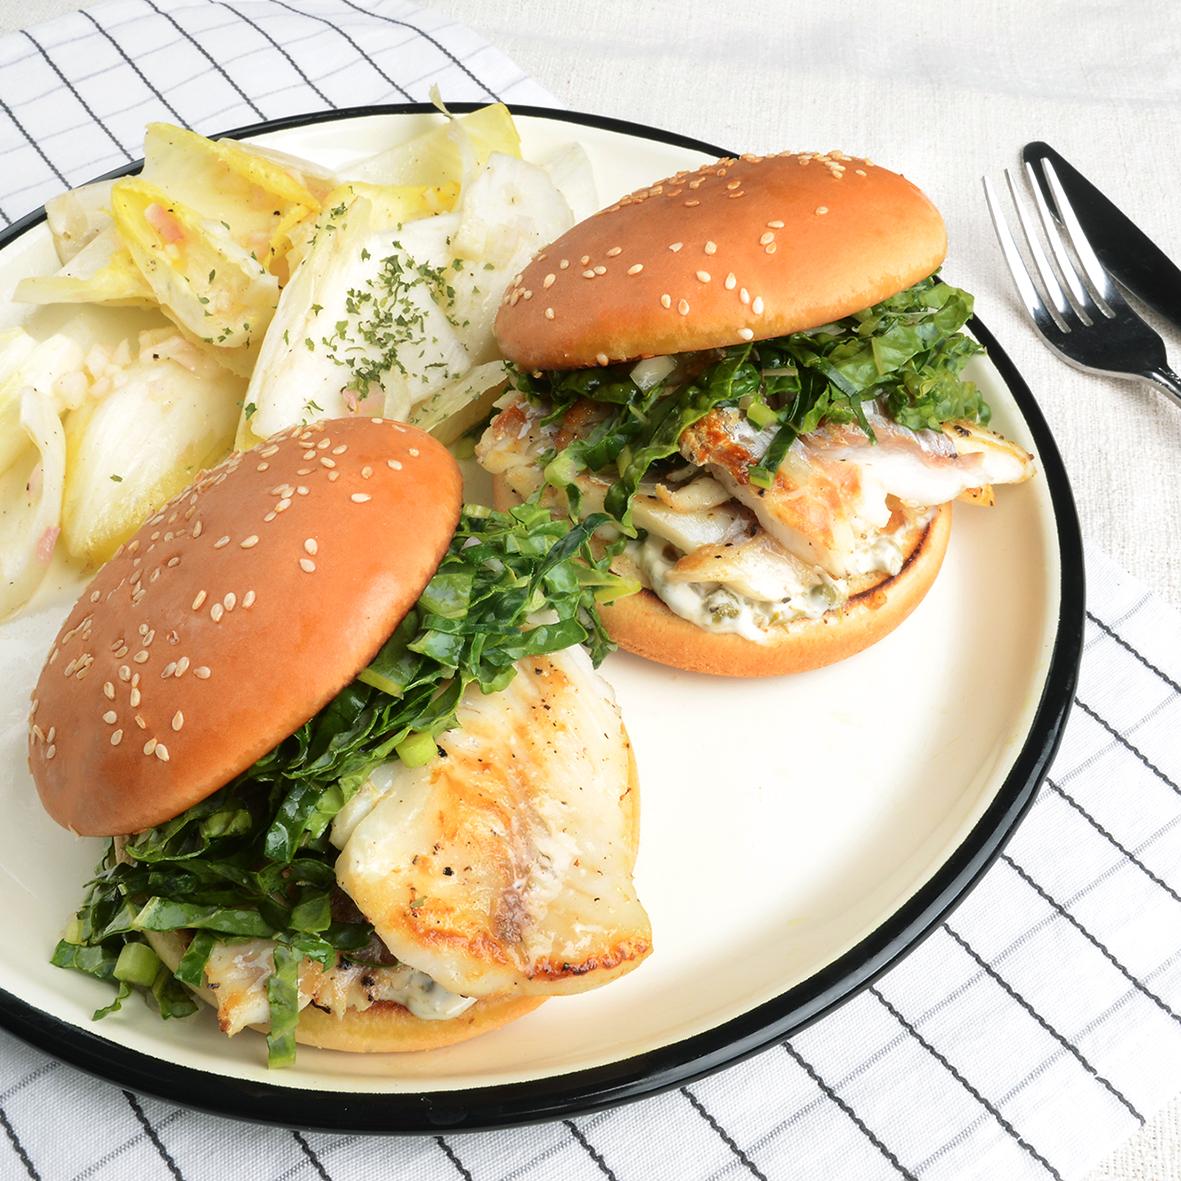 피쉬 버거와 샐러드